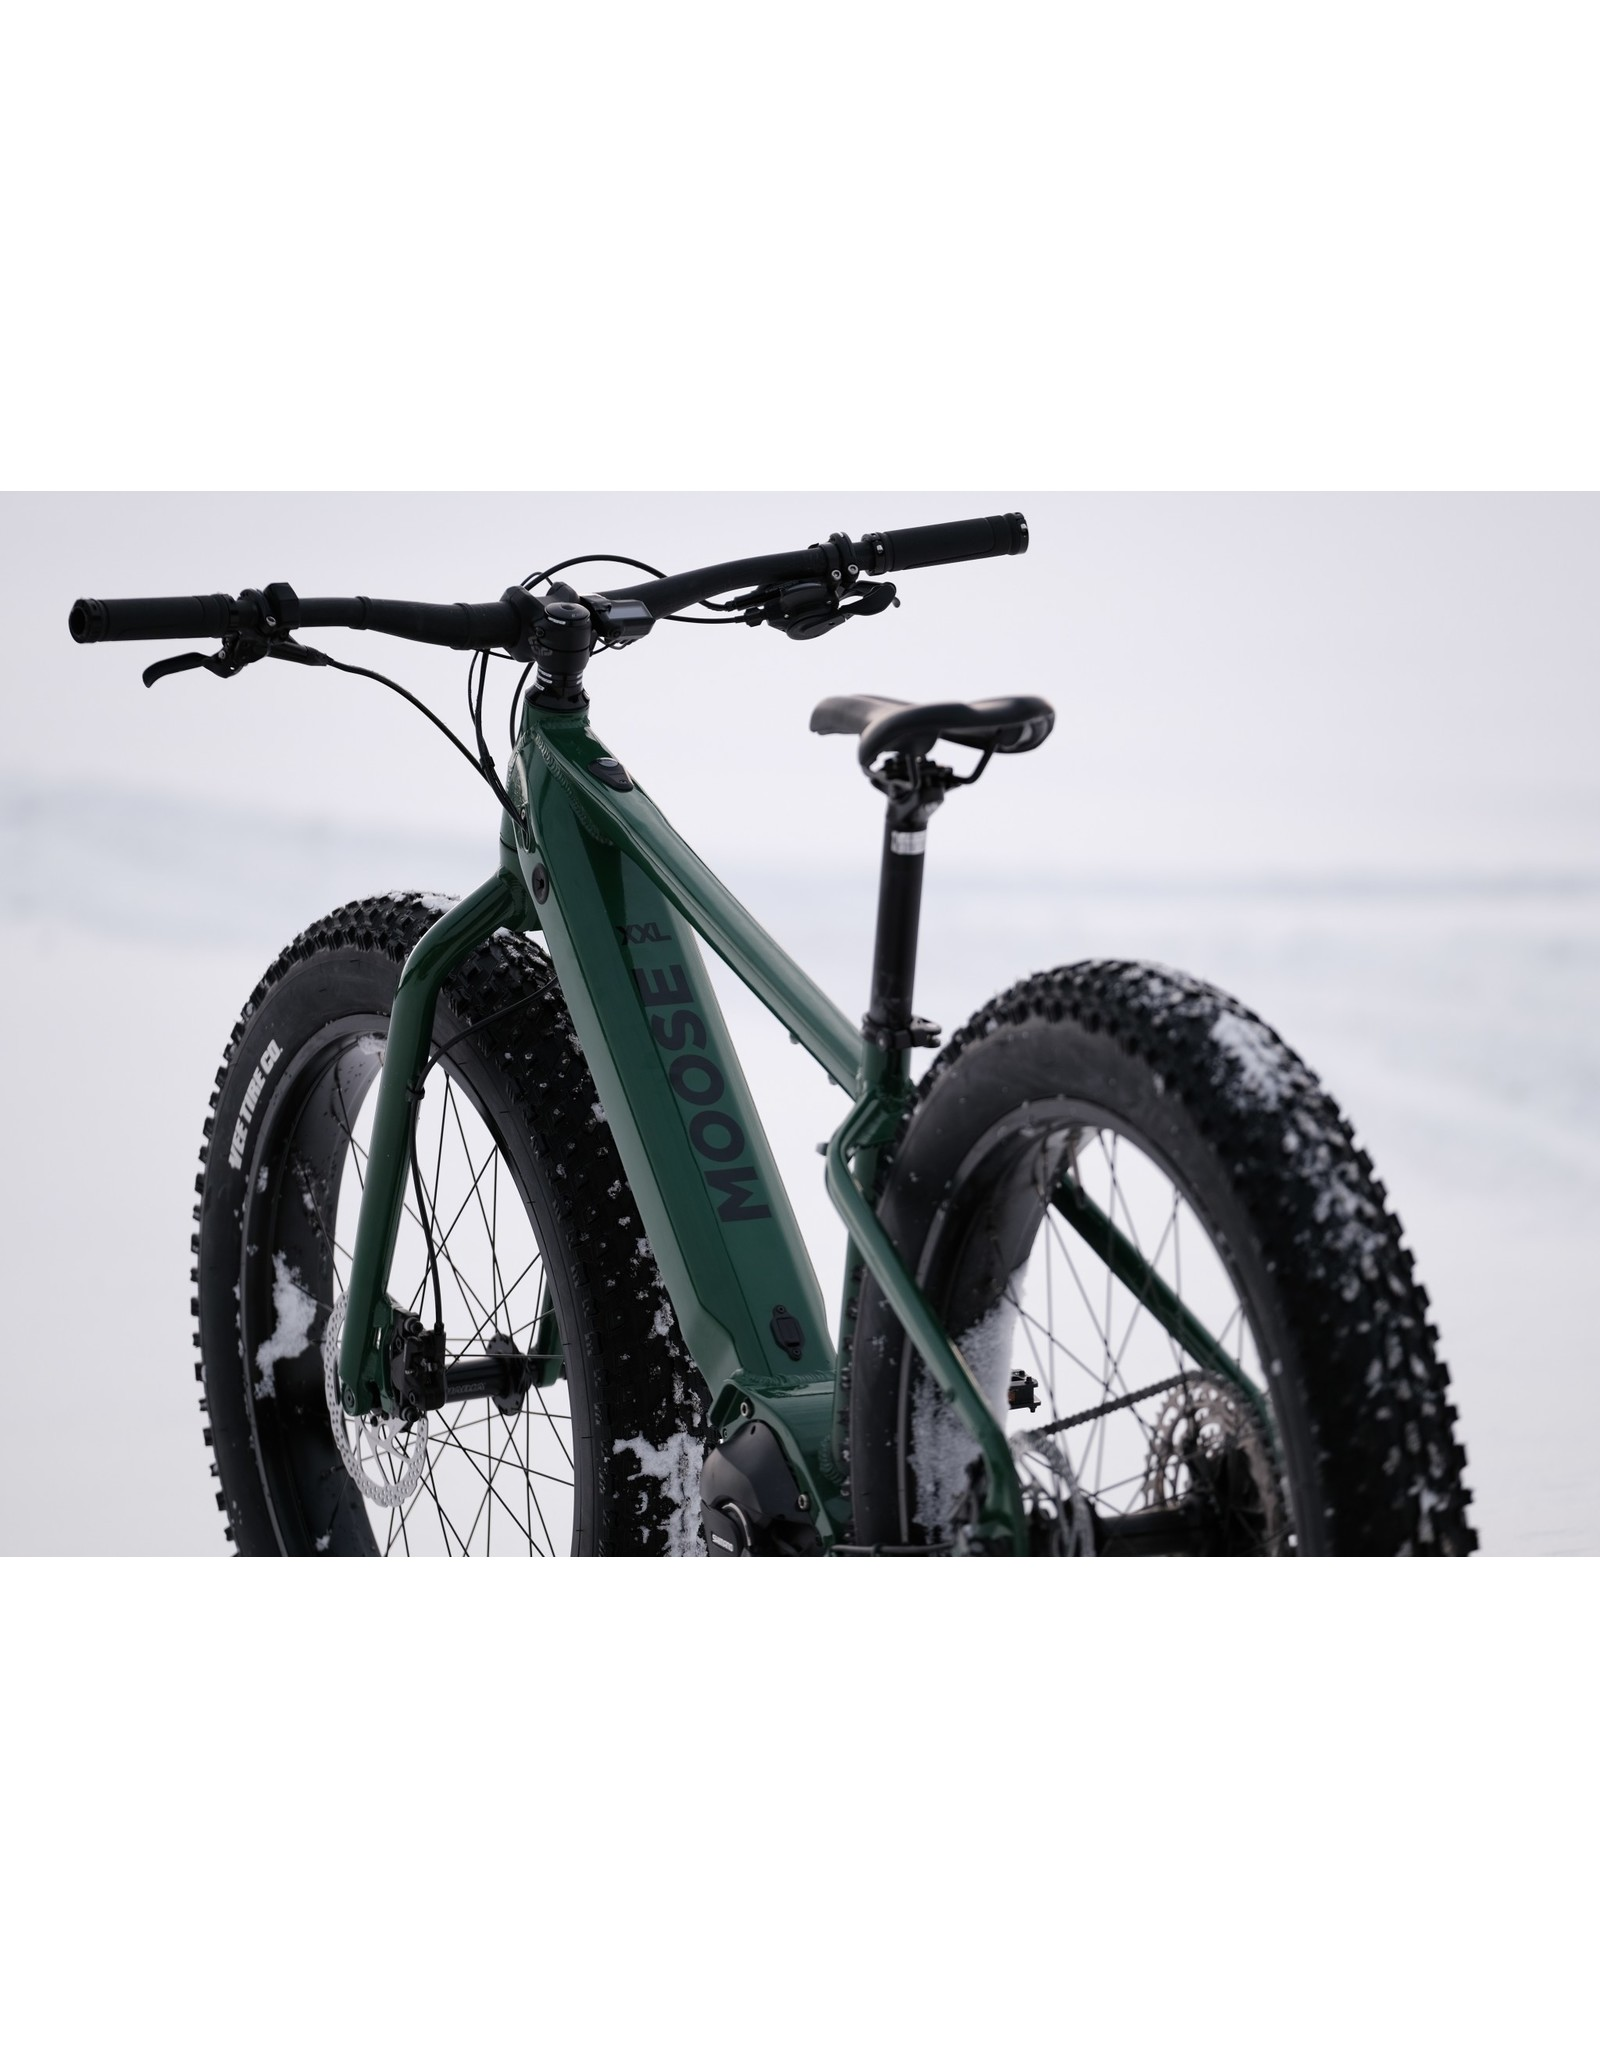 Moose 2021 Moose eFatbike vert kale